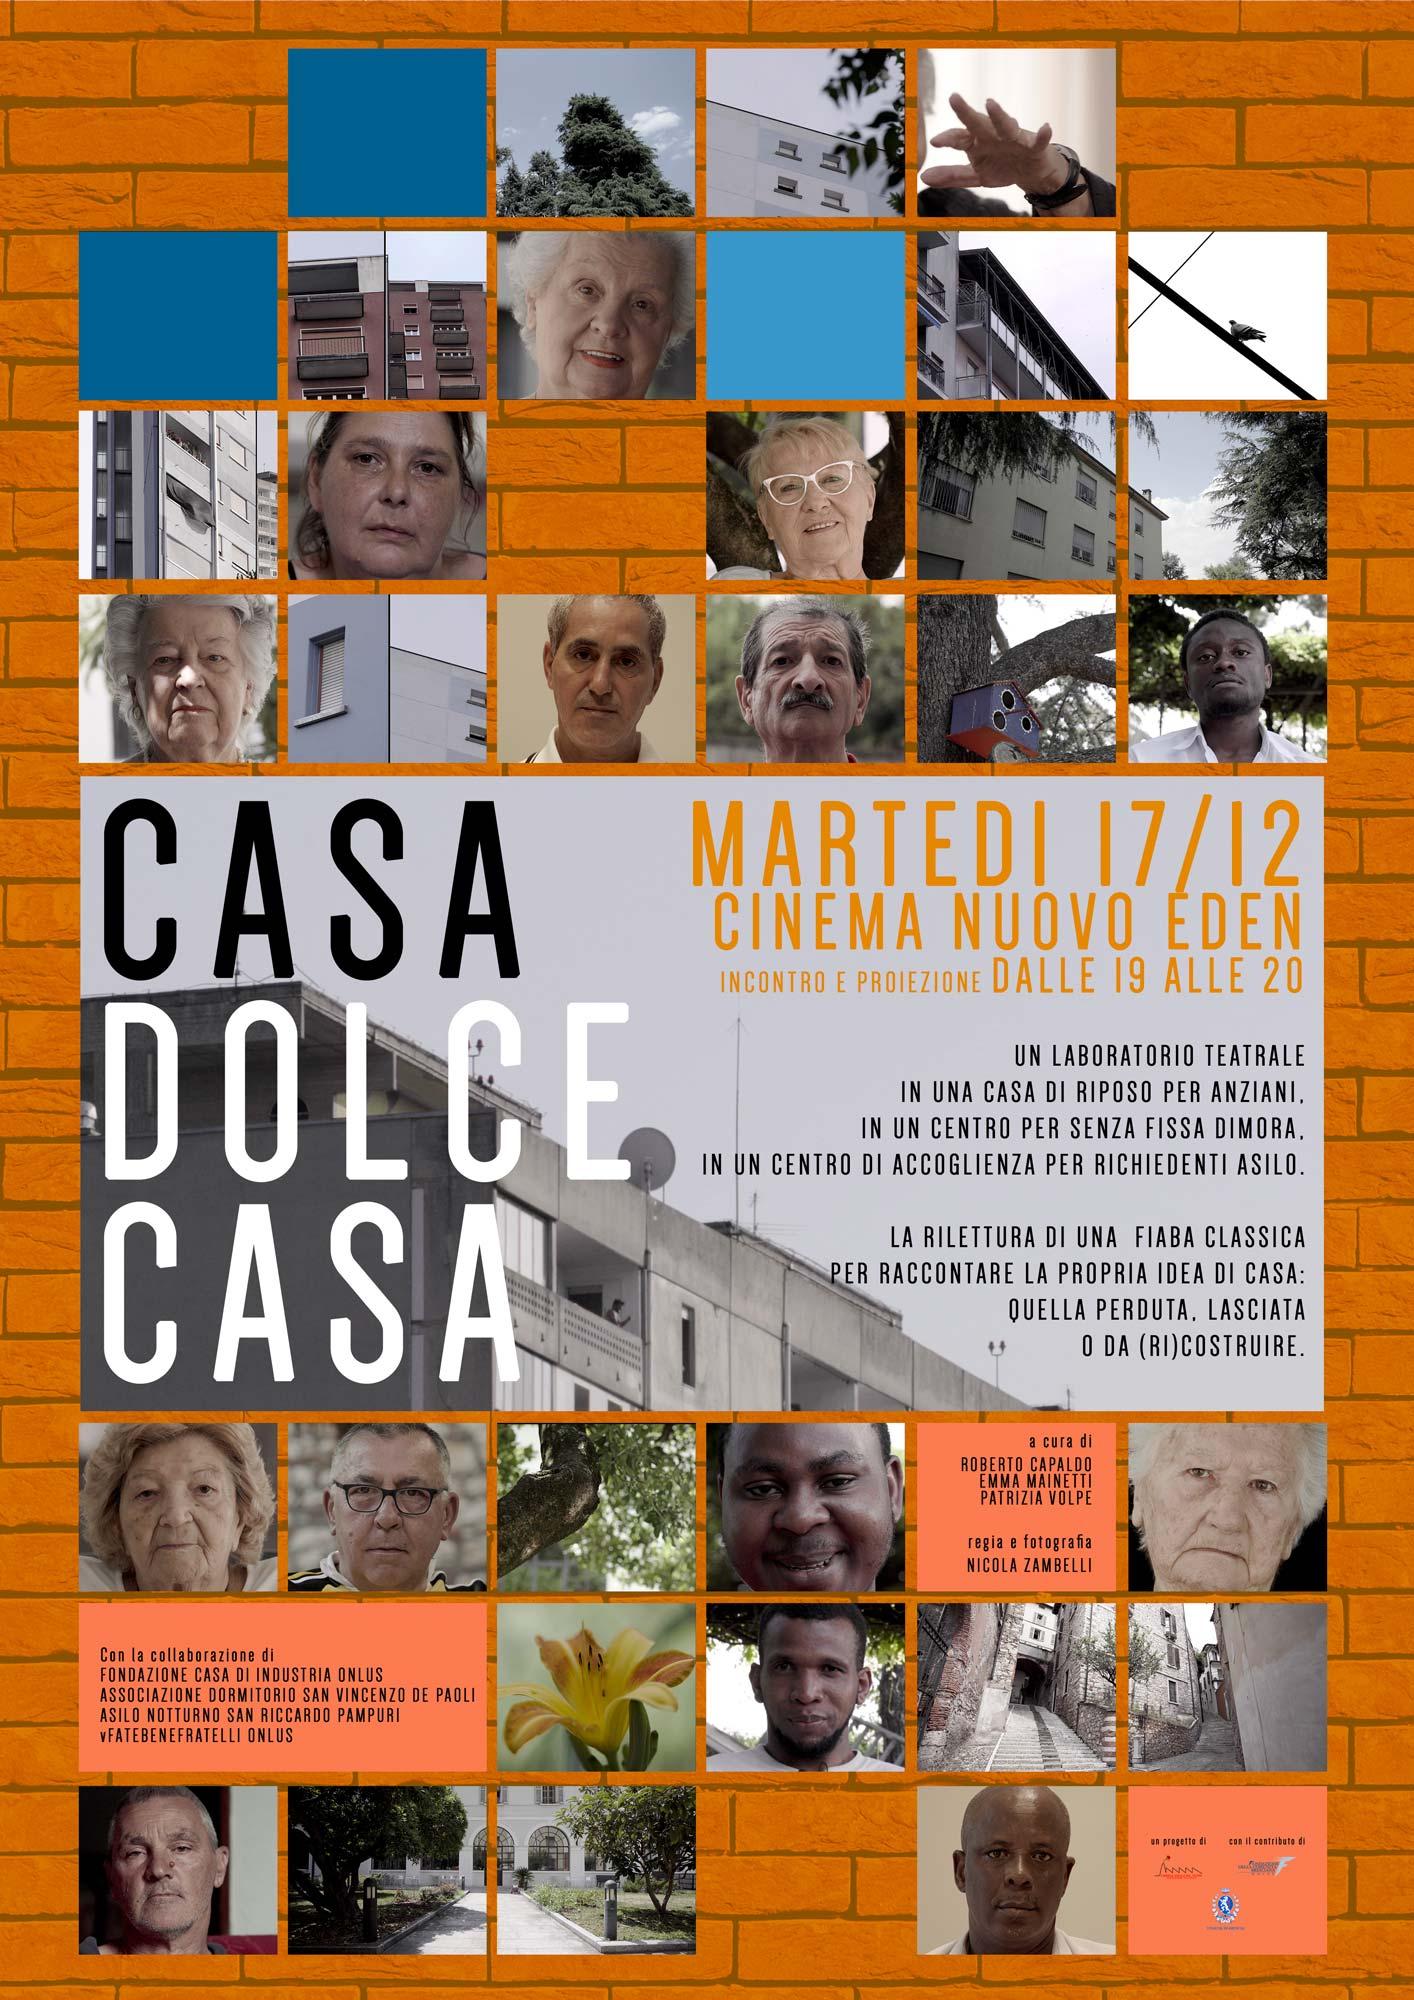 Casa dolce casa proiezione al Cinema Nuovo Eden il 17/12/19